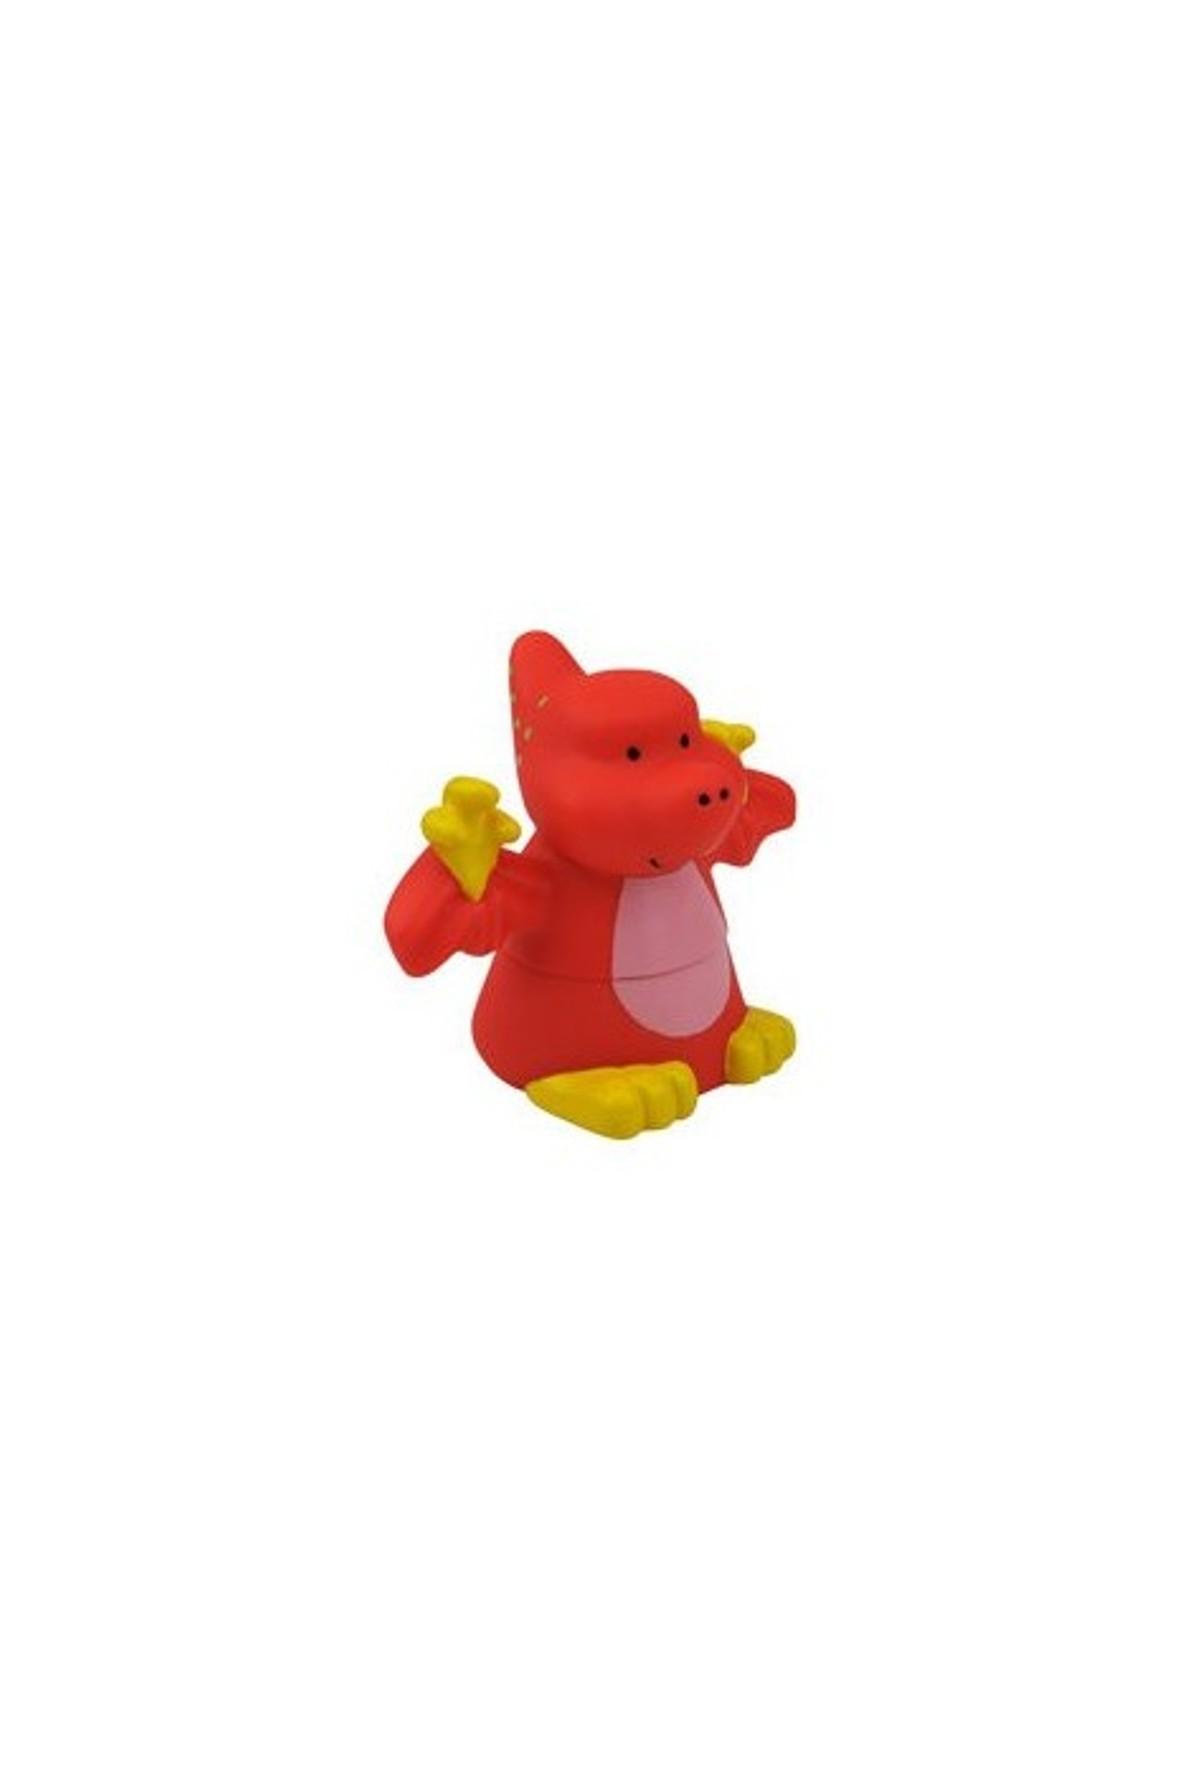 Klocki Popboblocs - Dinozaur czerwony